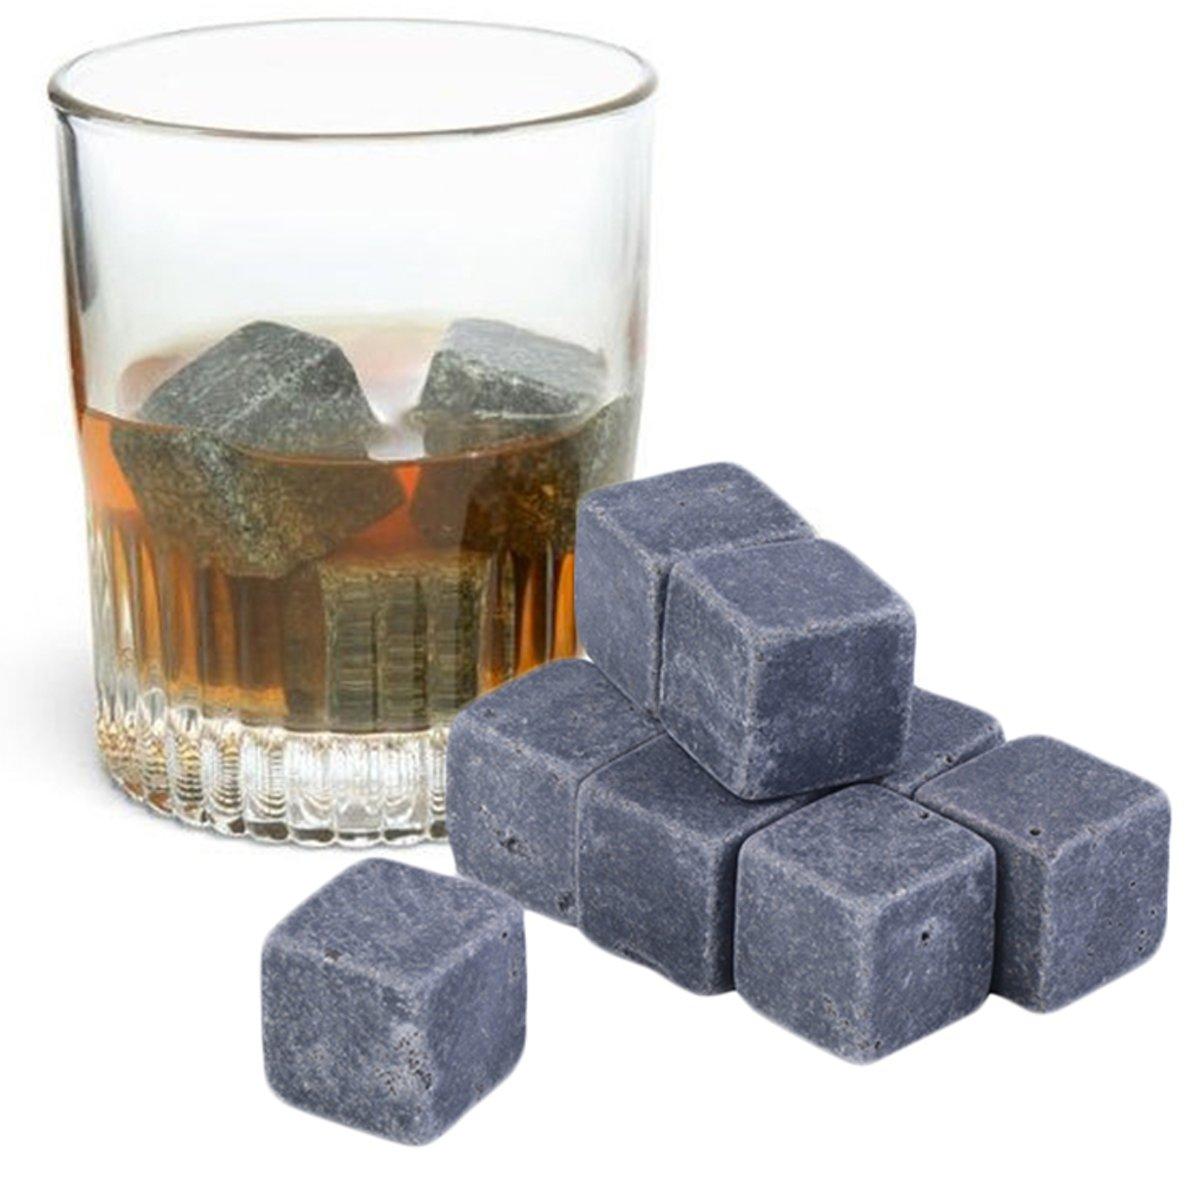 Whiskey Stones - Natuursteen ijsblokken - Geschenkverpakking met 9 stuks kopen